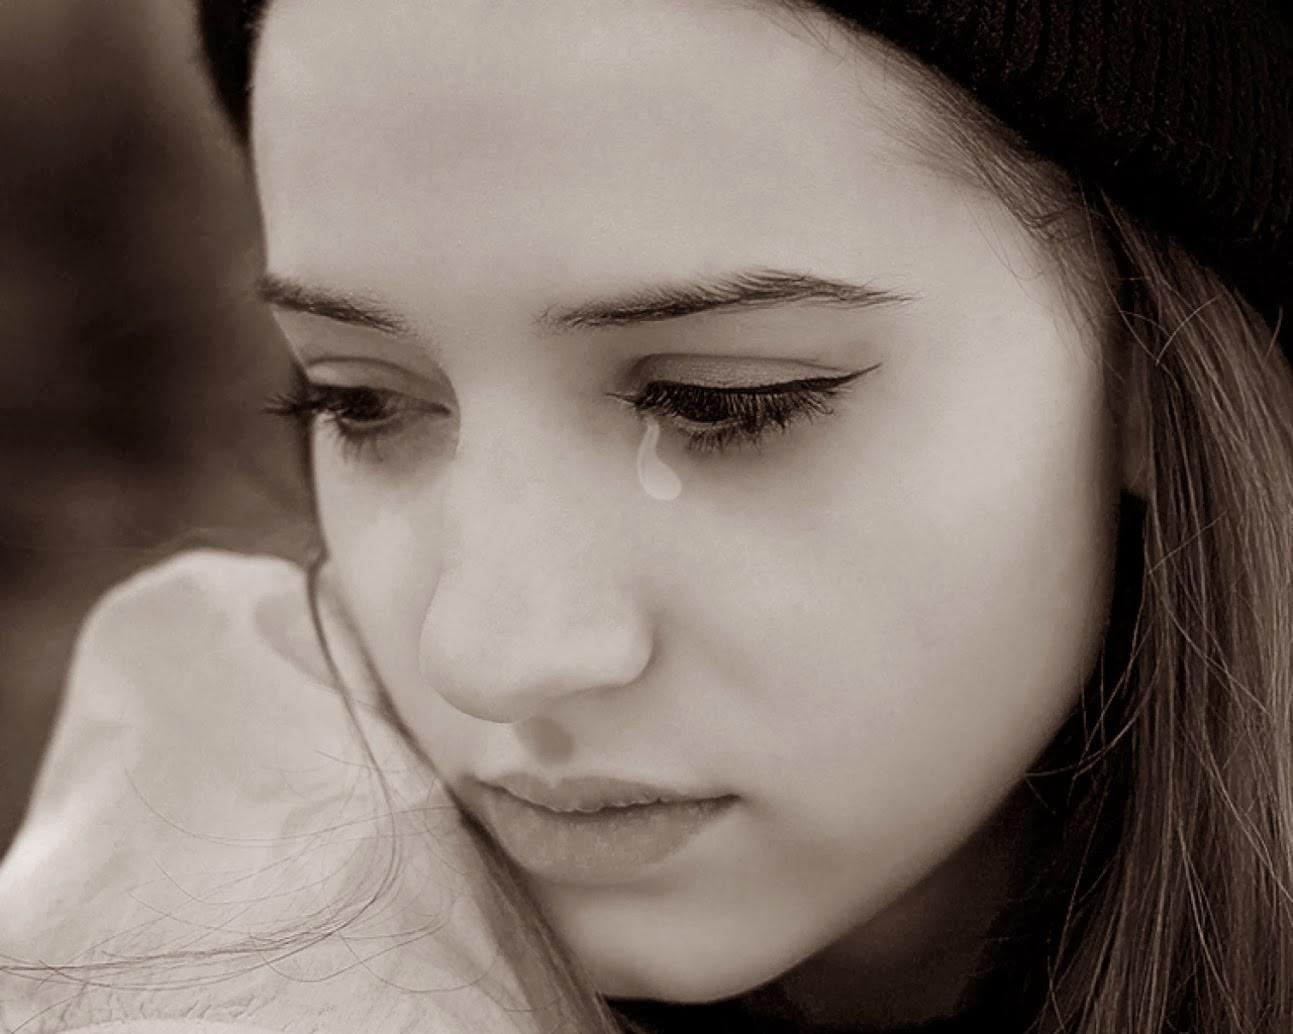 صور فتاة حزينة , مشاعر حزينه فى صورة